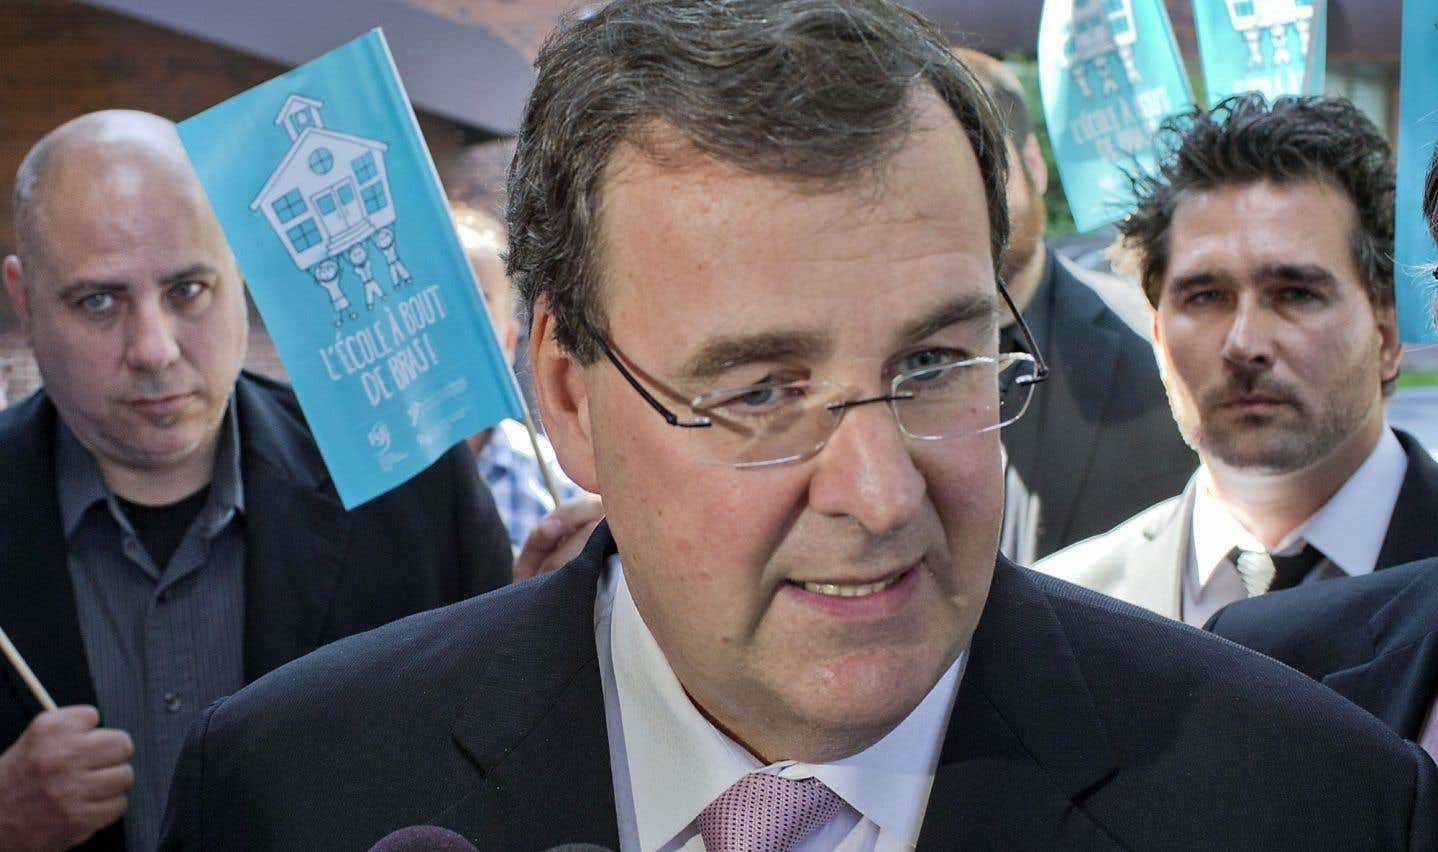 Leministre de l'Éducation, François Blais